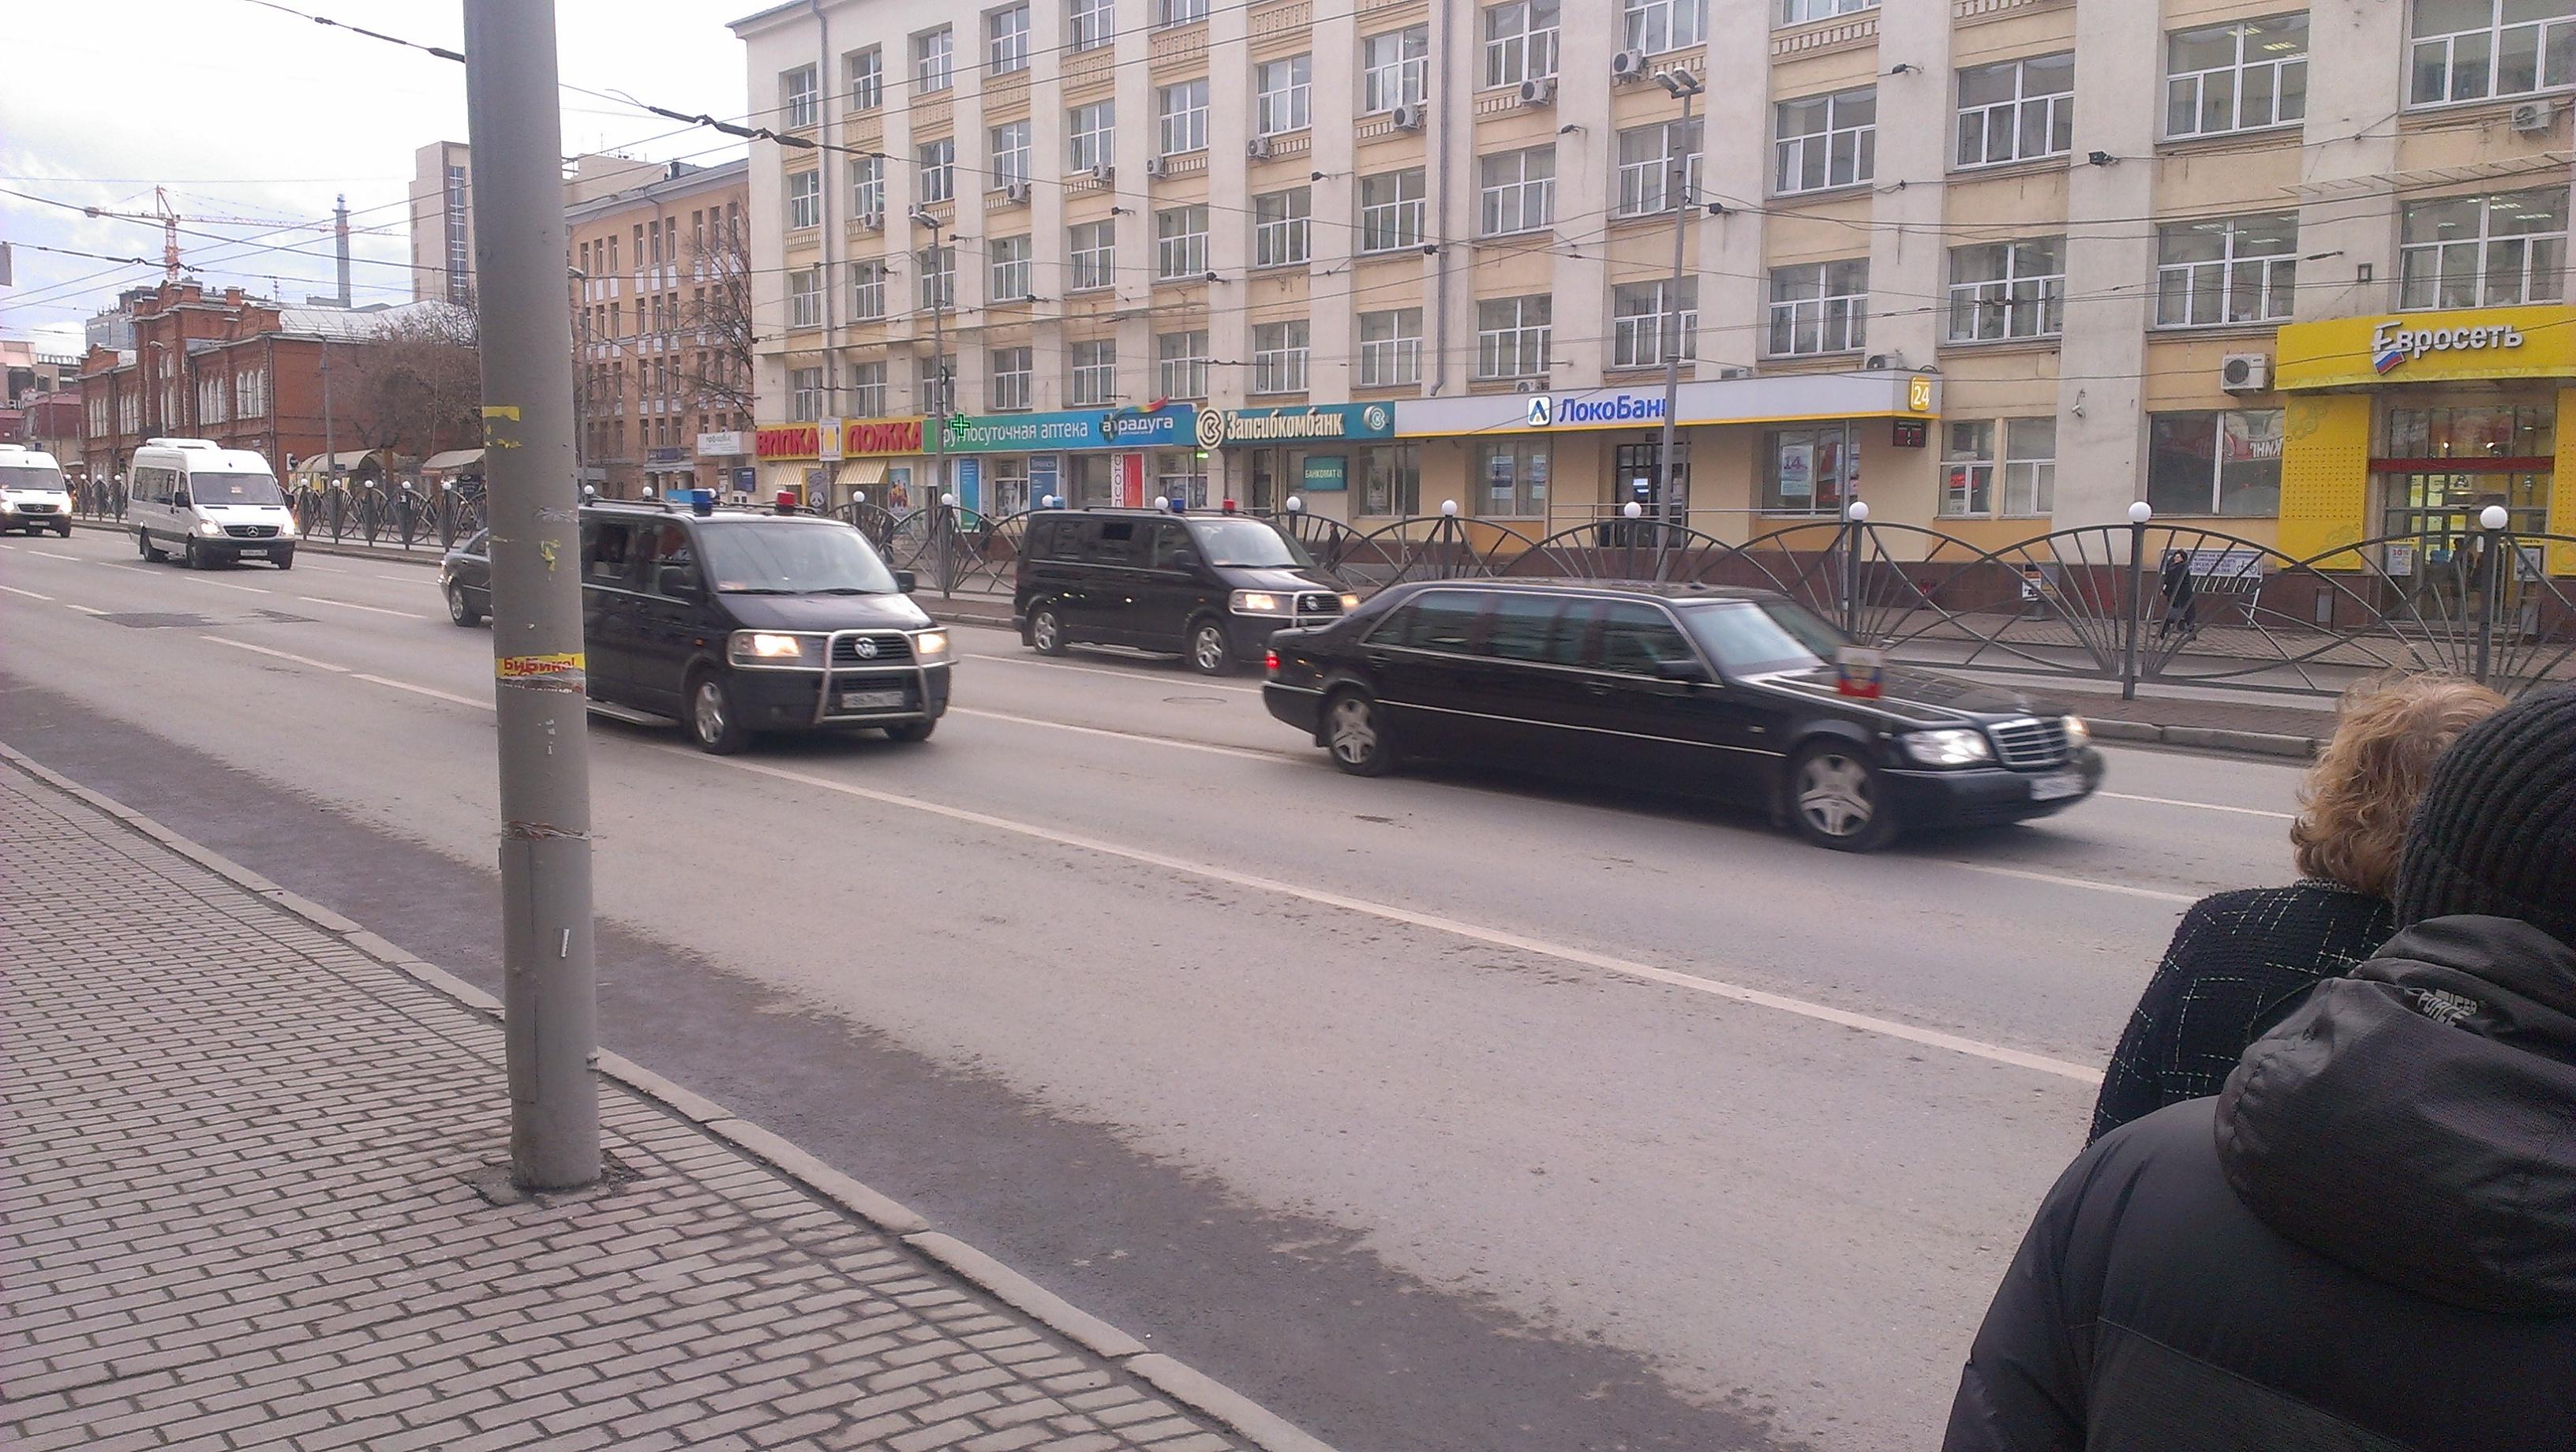 Путин приехал: с улиц убрали даже правильно припаркованные авто